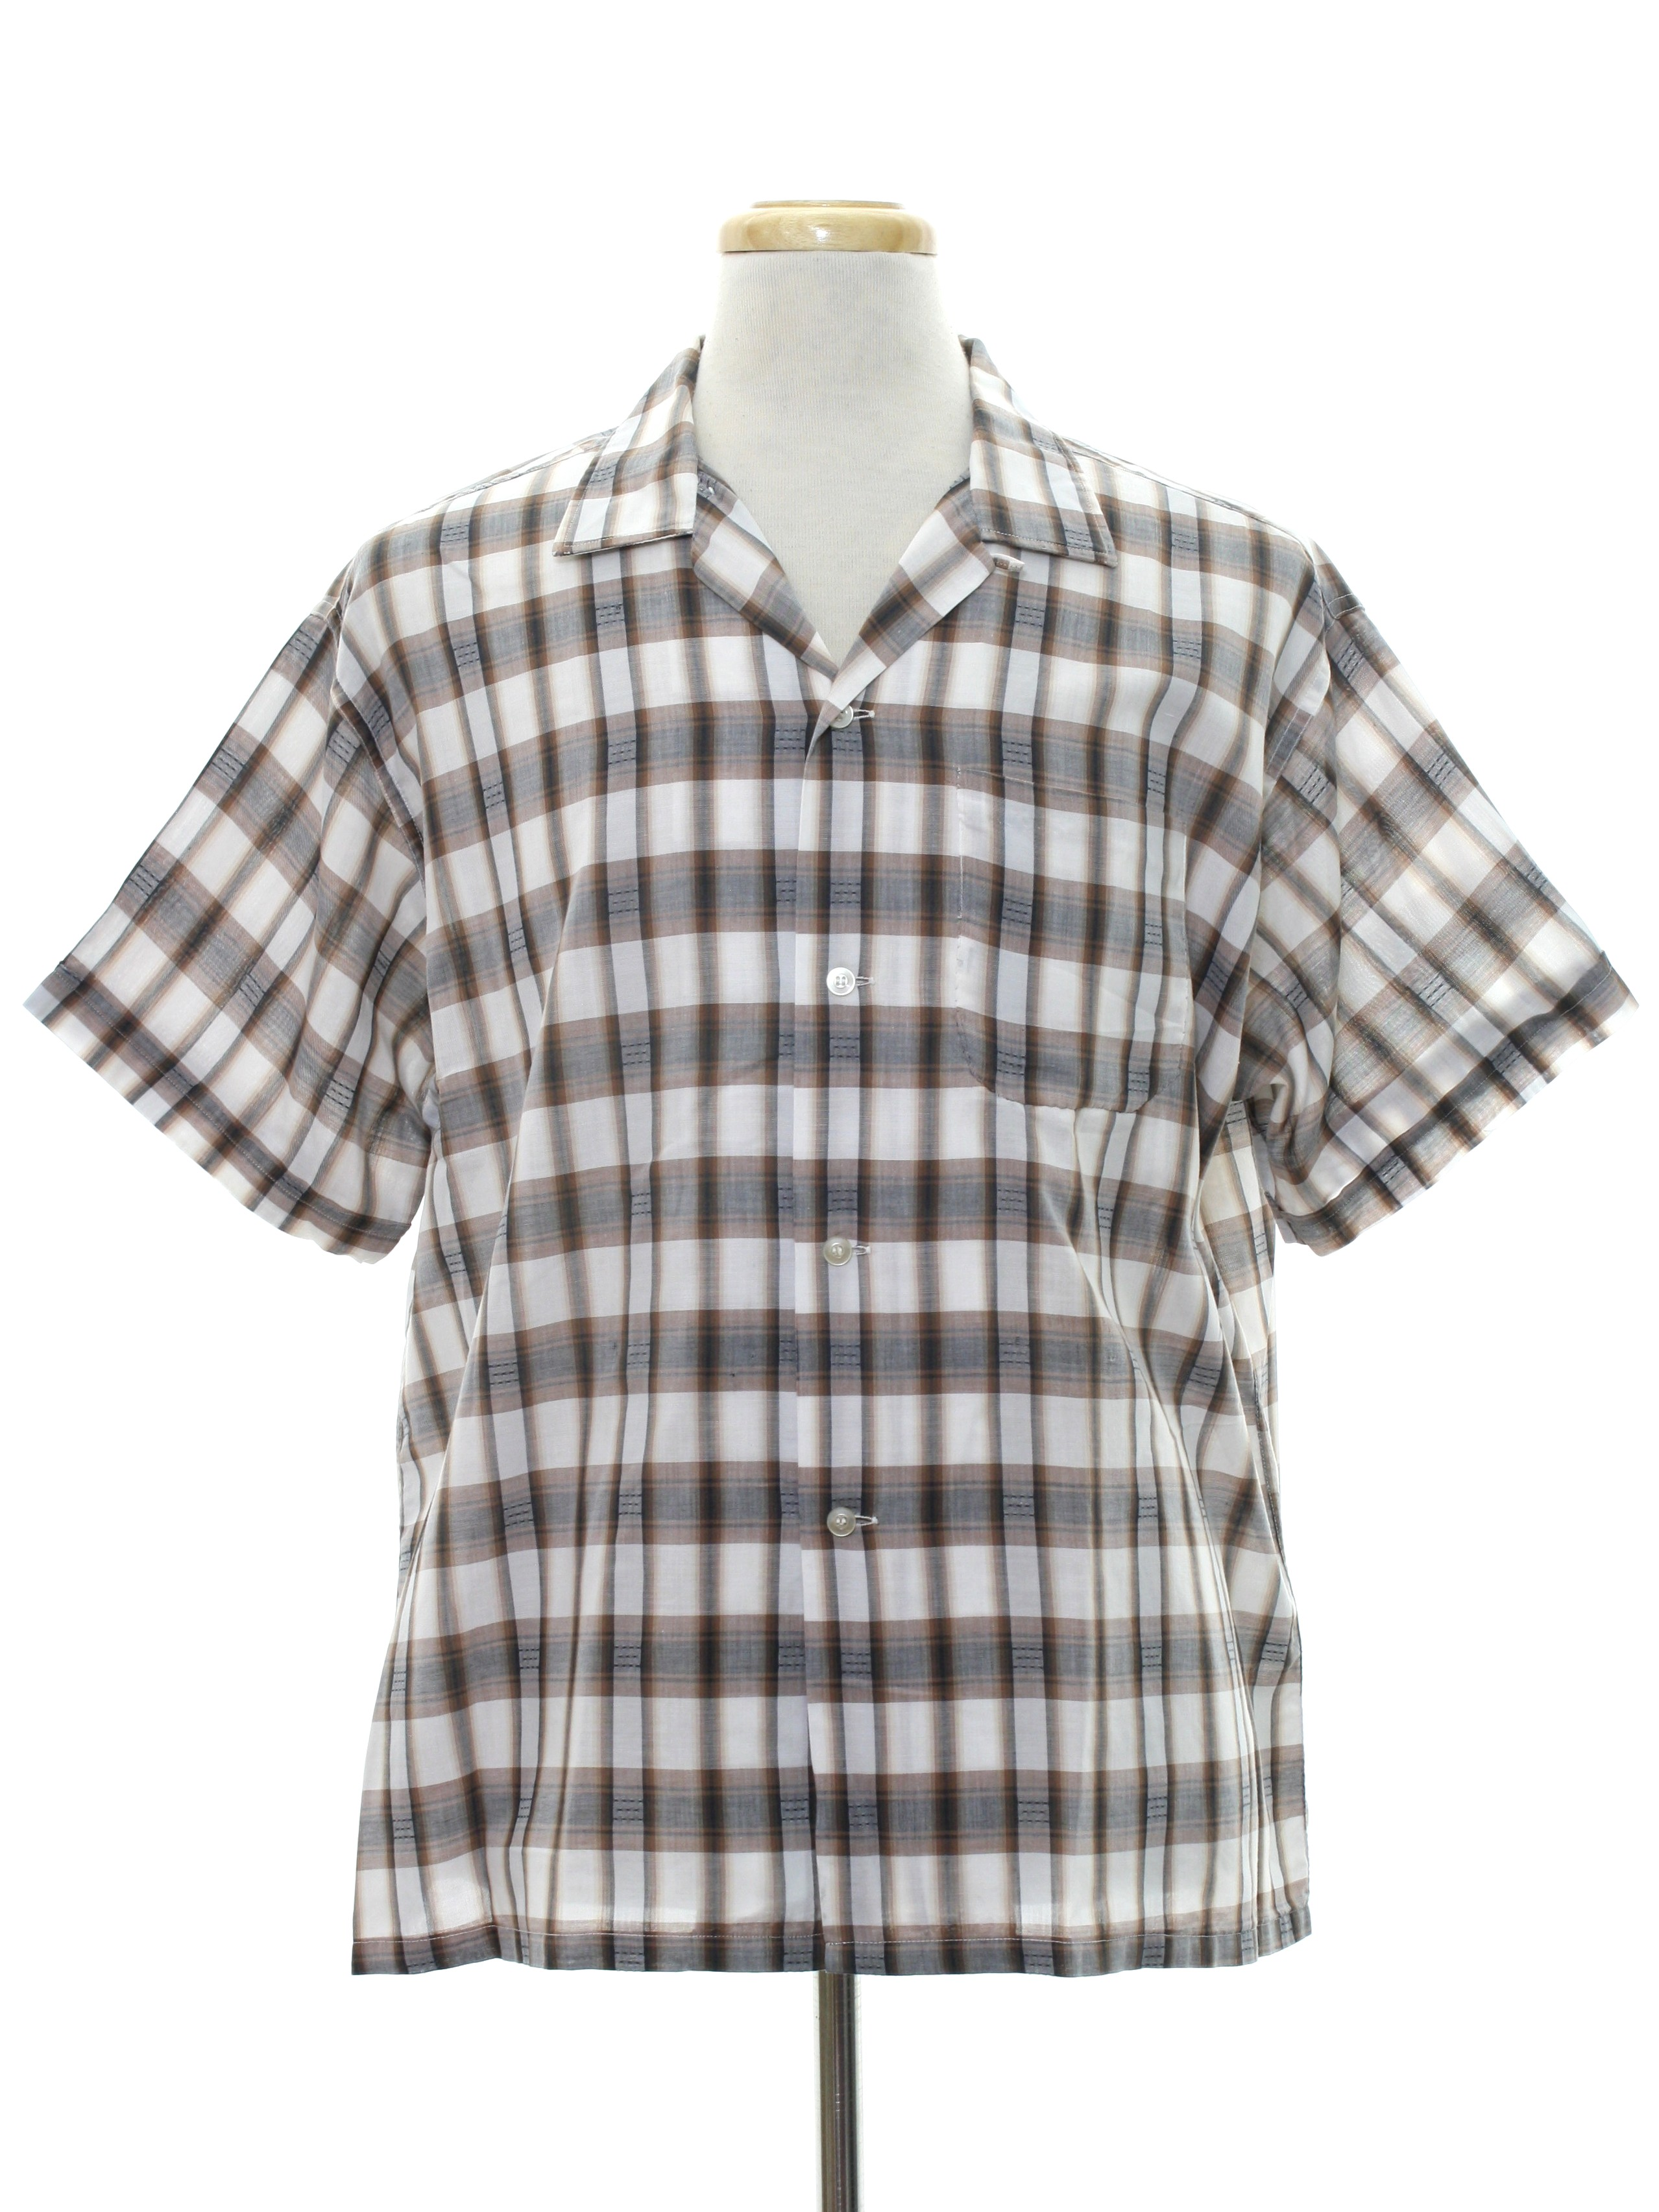 675494883ff95 1950's Mens Mod Sport Shirt